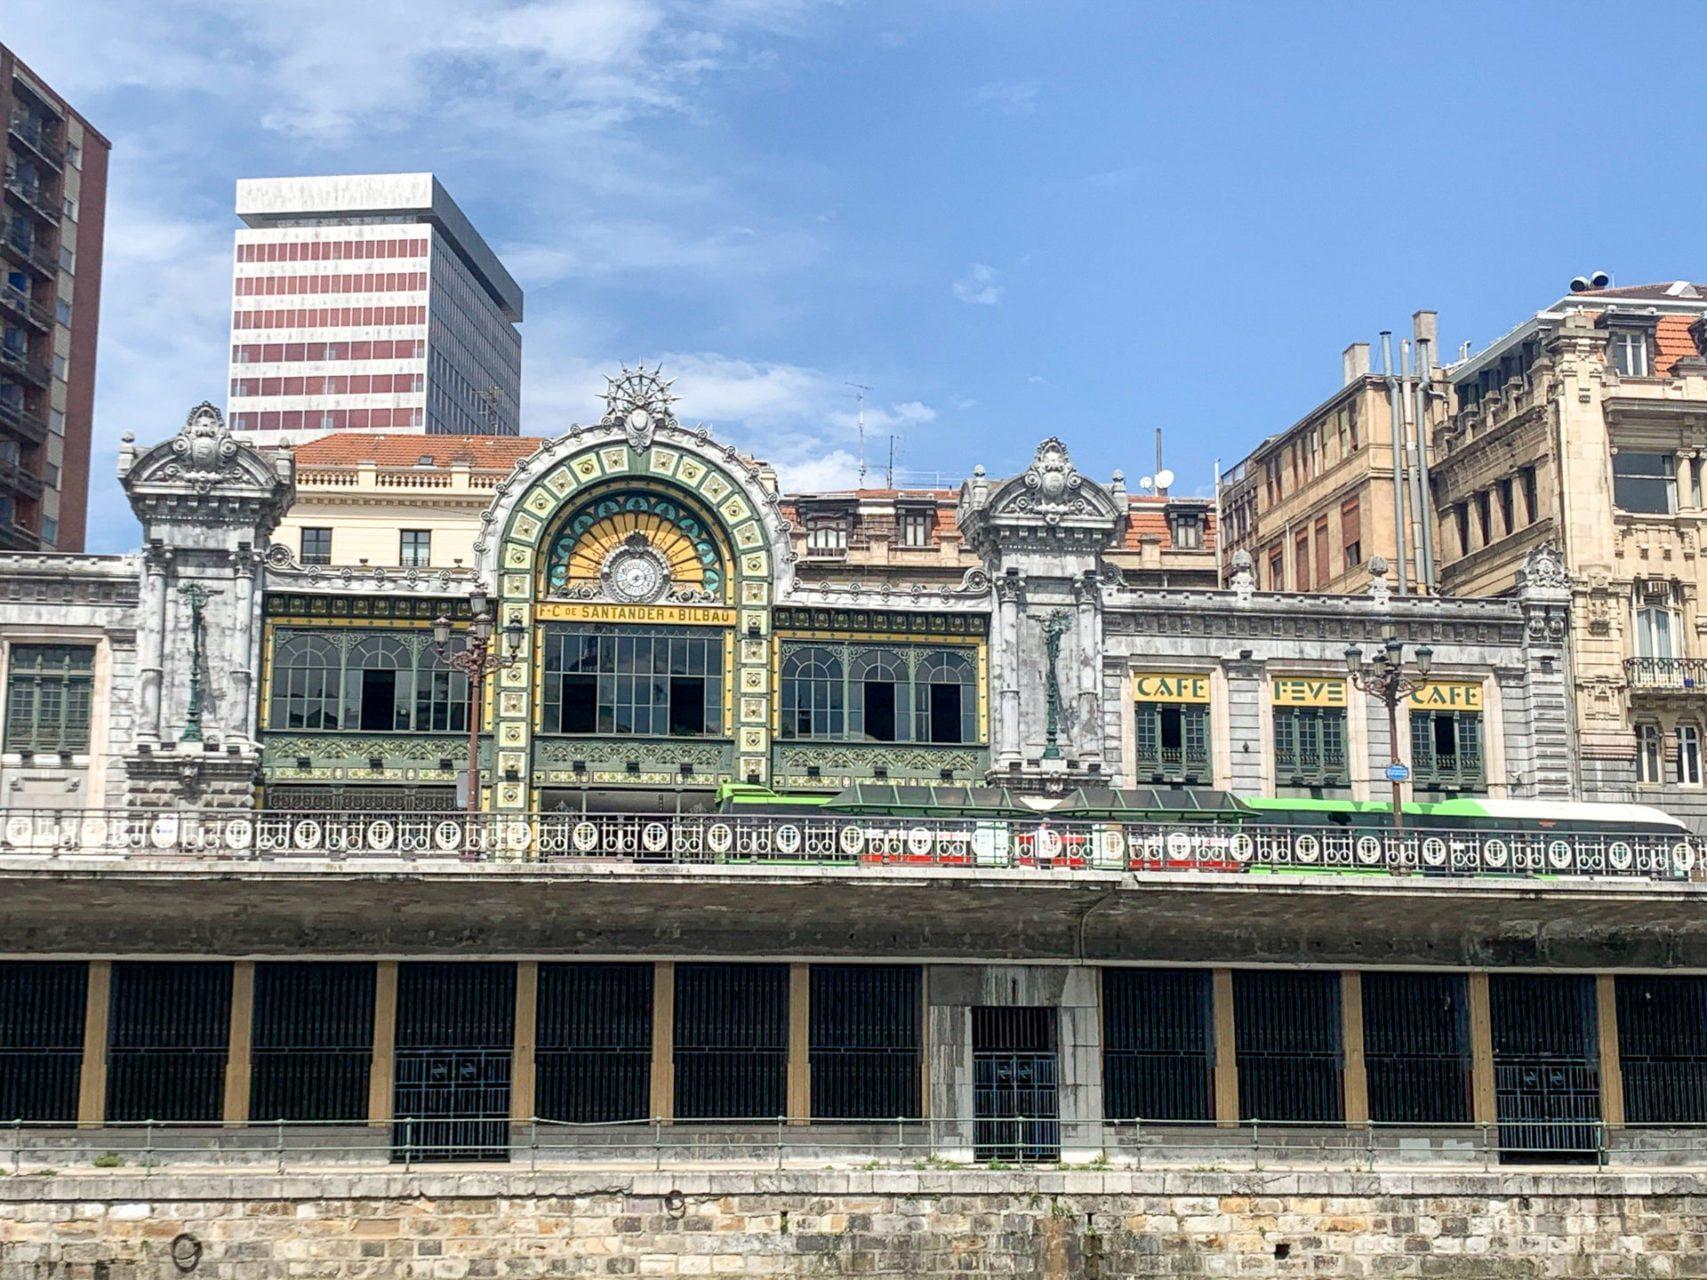 Ken je het verhaal van het indrukwekkende station Bibao-Abando?